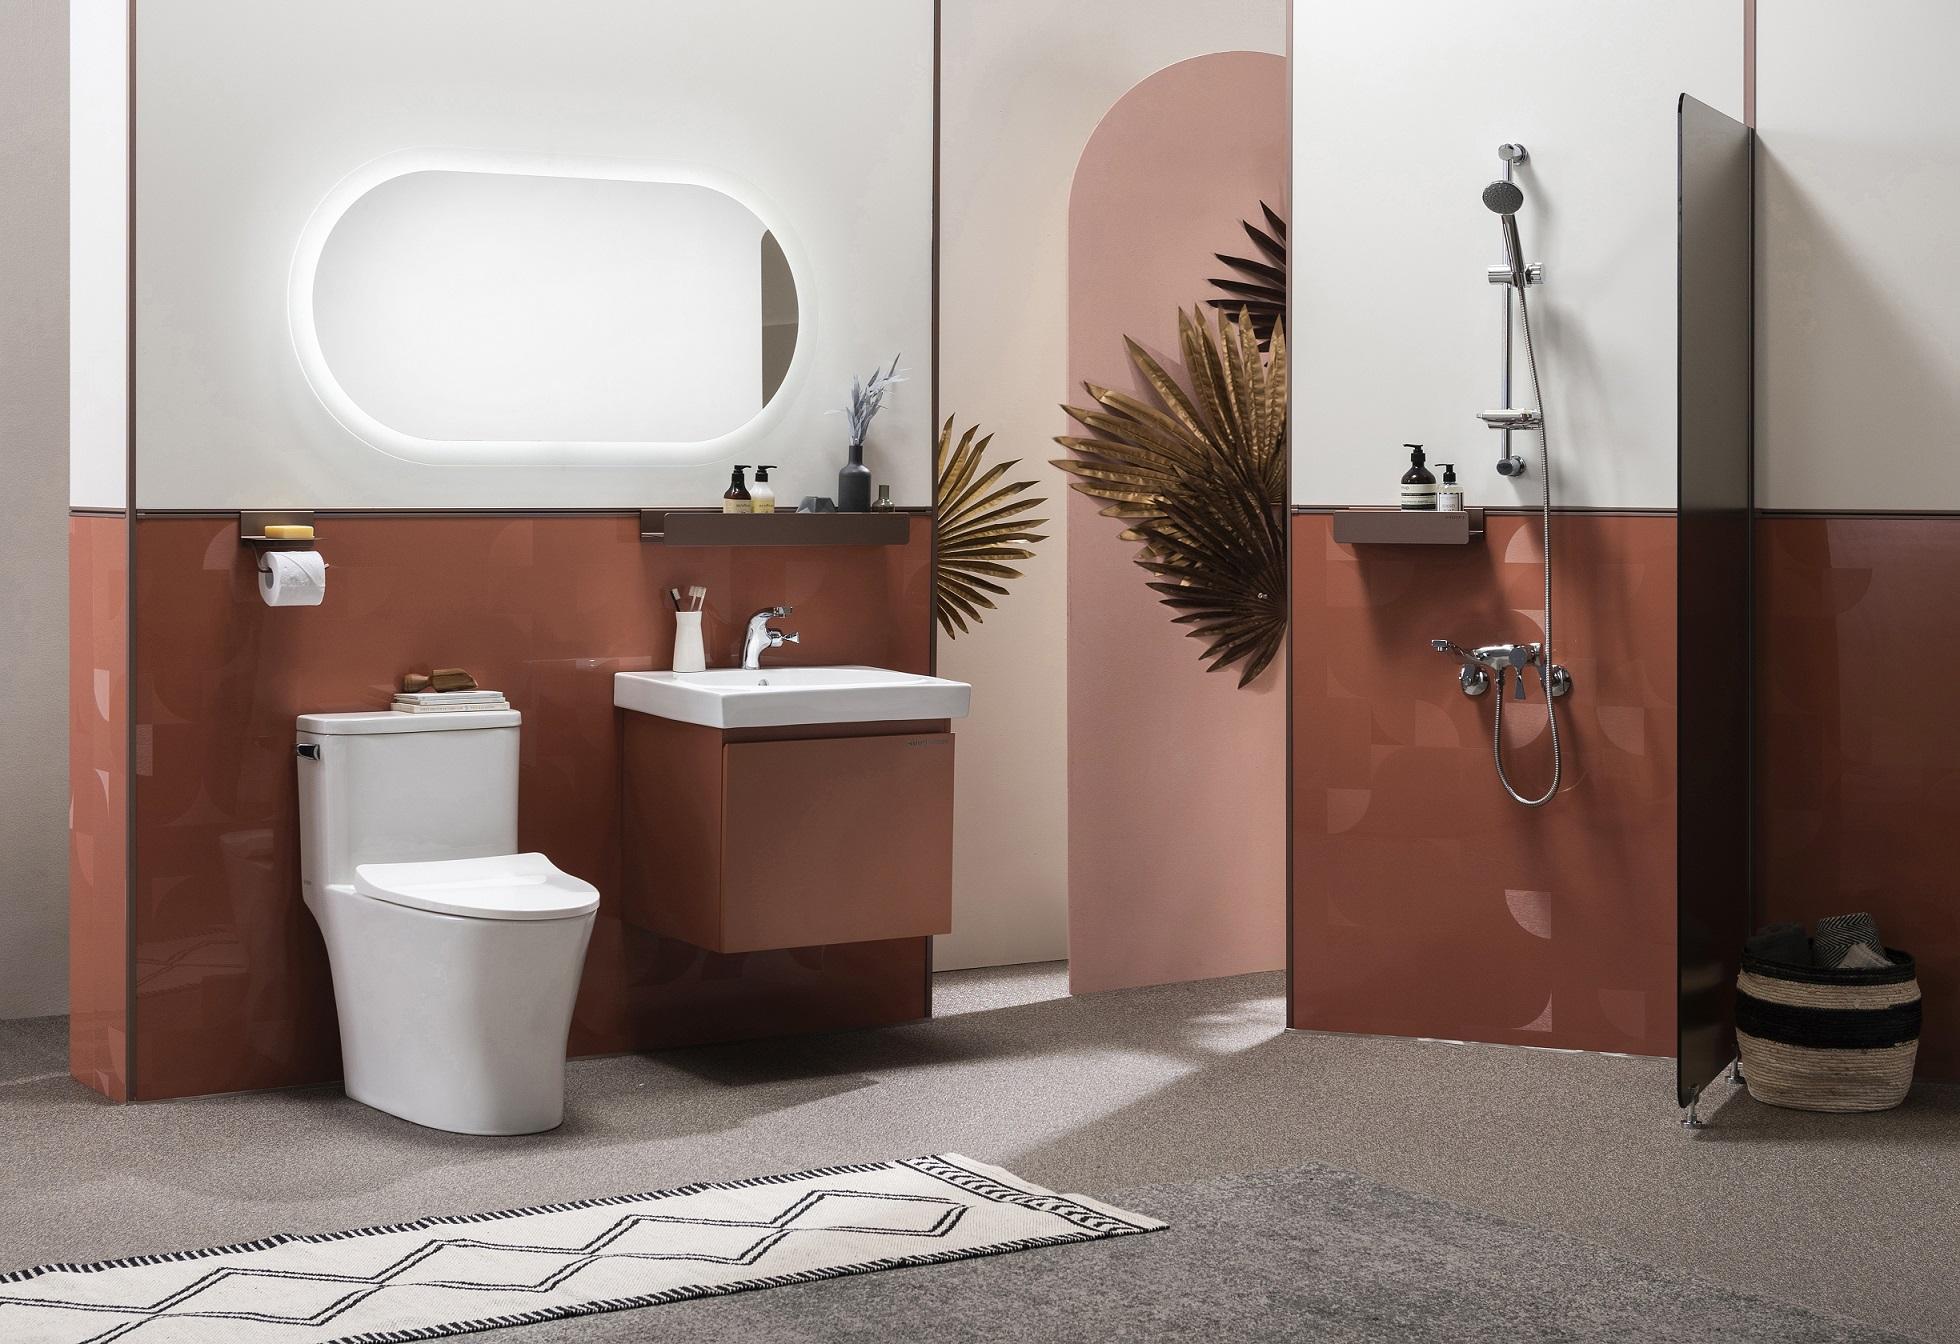 [한샘 8일 사진자료1] 한샘 유로5 뉴트로모던 욕실 브릭 색상.jpg